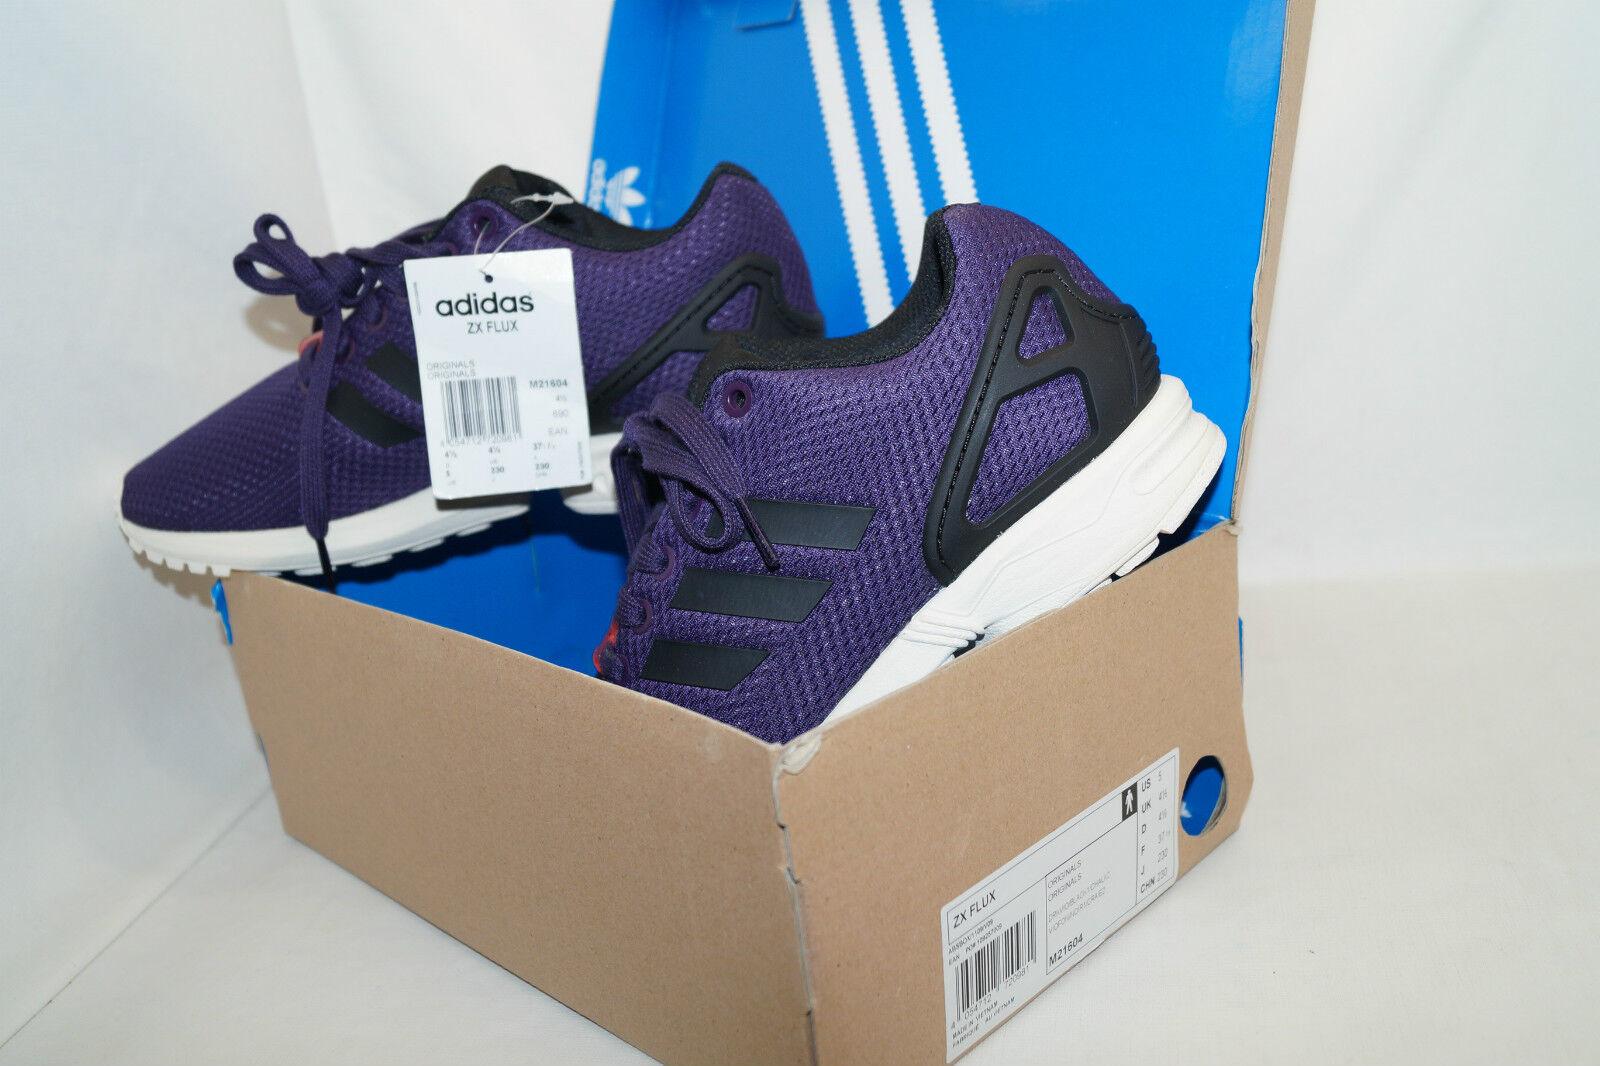 Adidas Originals ZX Flux Flux Flux Violet Bread beurre 2014 limited taille 37 1 3 NOUVEAU neuf dans sa boîte UK 4,5 f35ec6